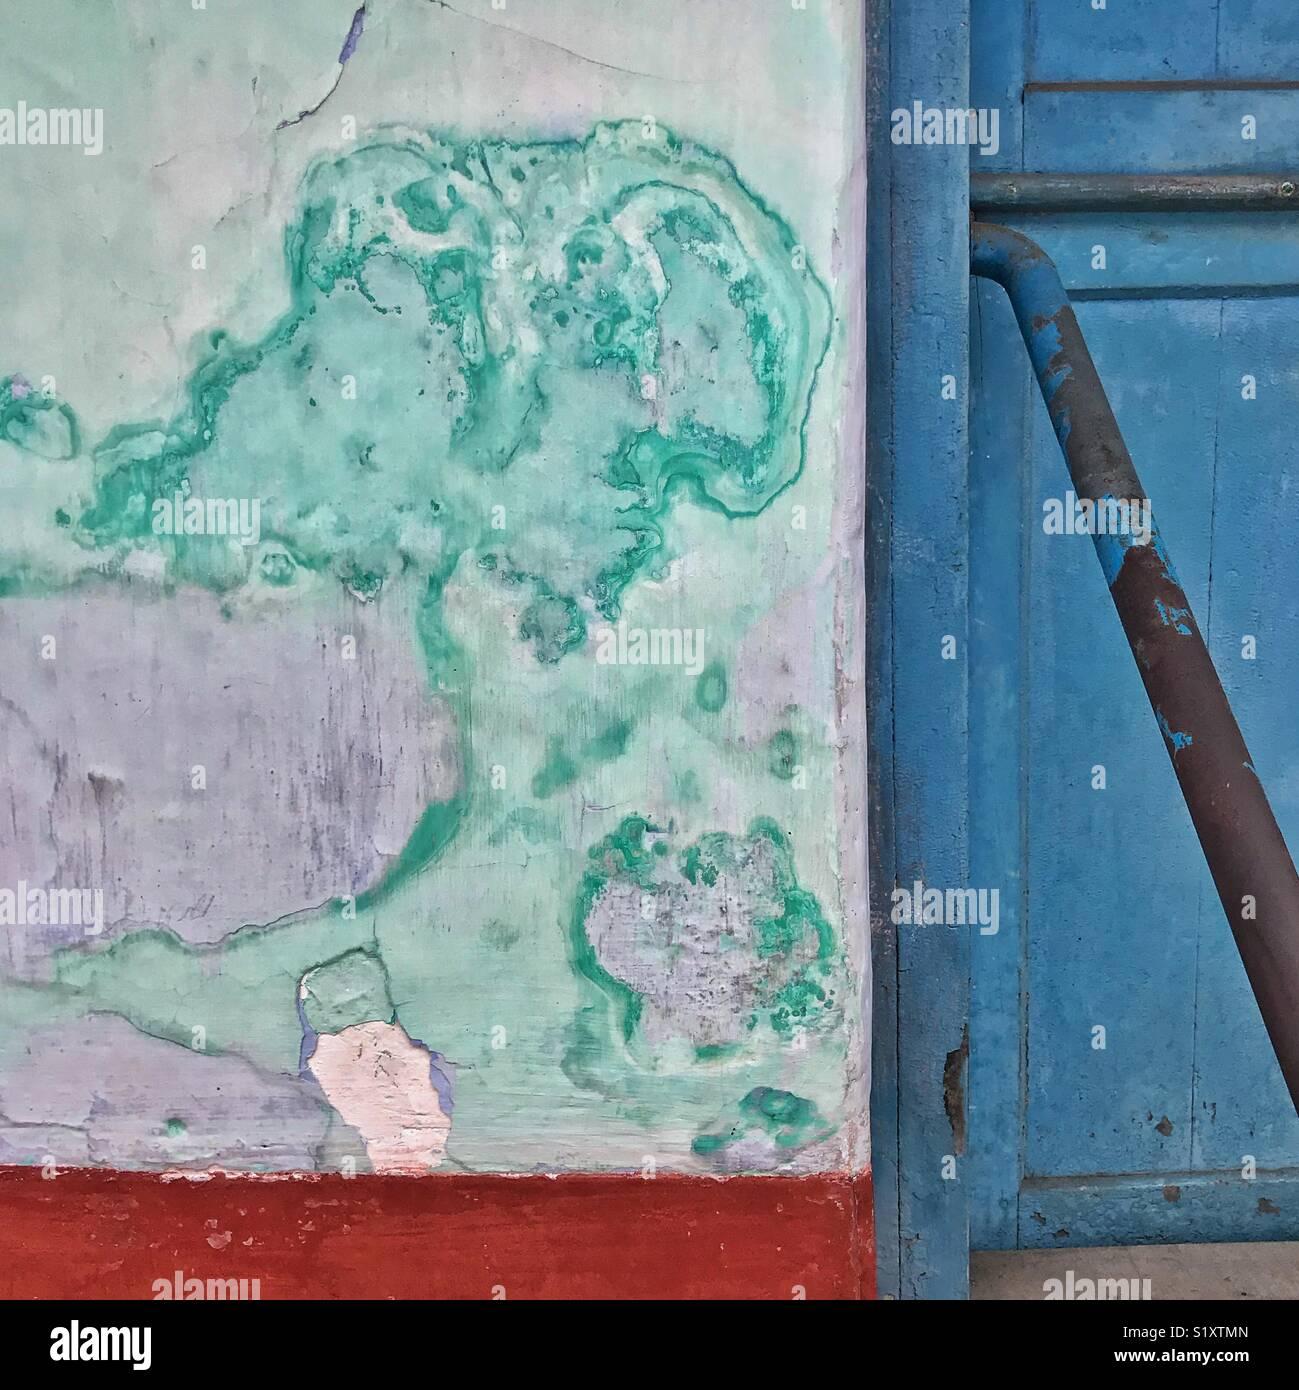 Pintura desigual y la degradación de la pintura en una pared en la India Imagen De Stock